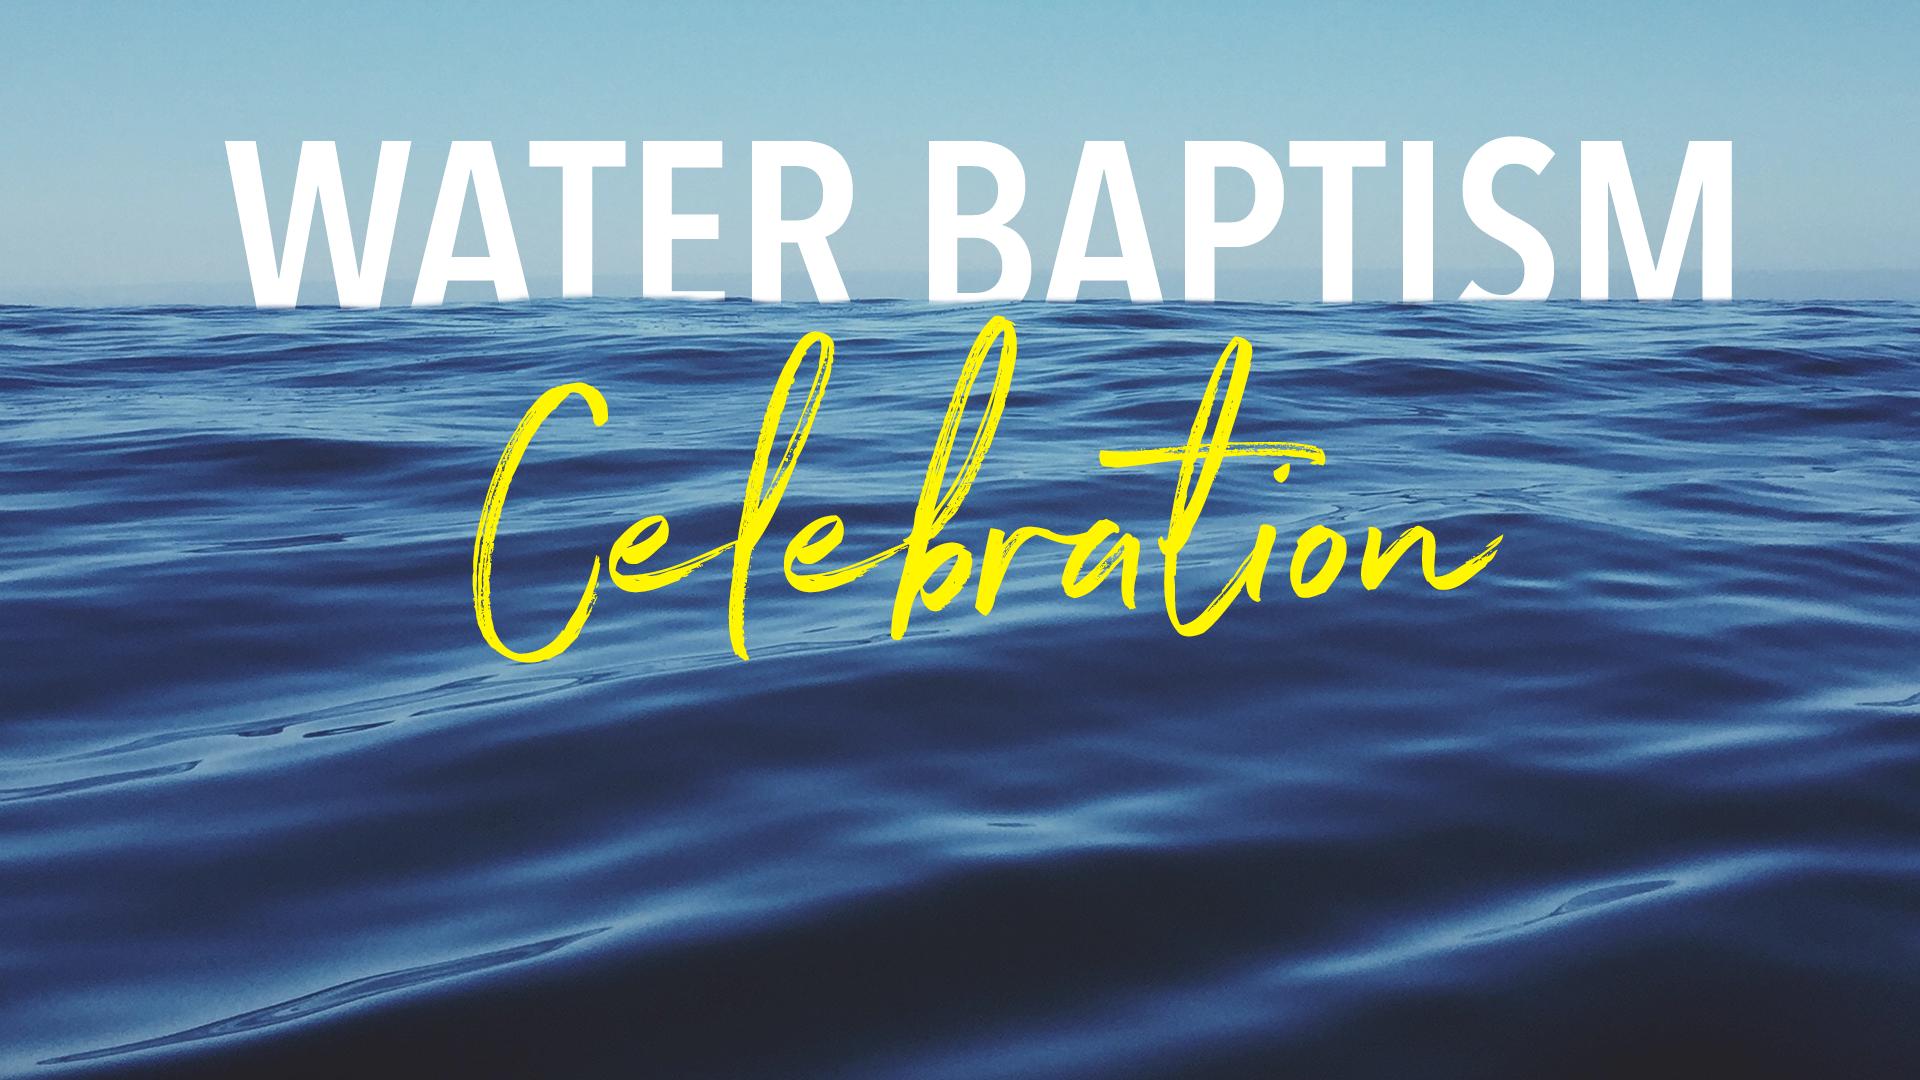 Water baptism slide